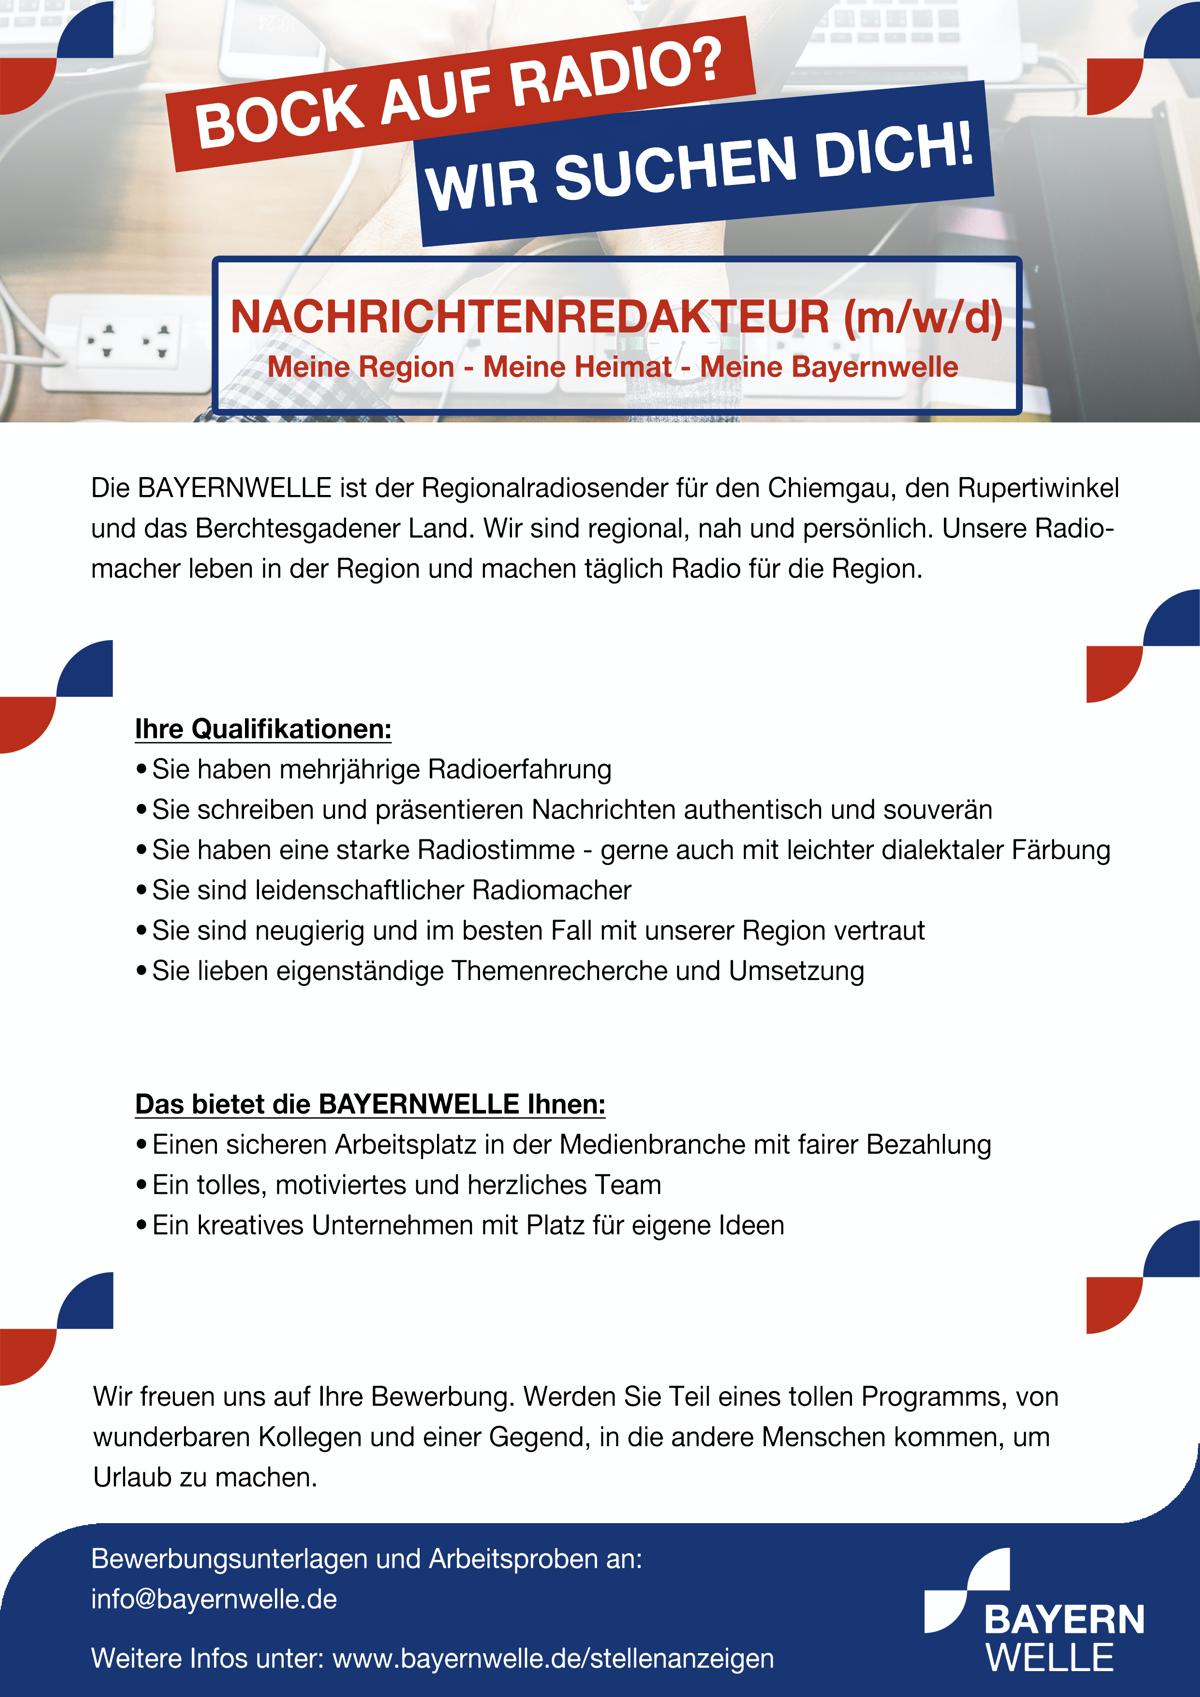 Bayernwelle sucht Nachrichtenredakteur (m/w/d)